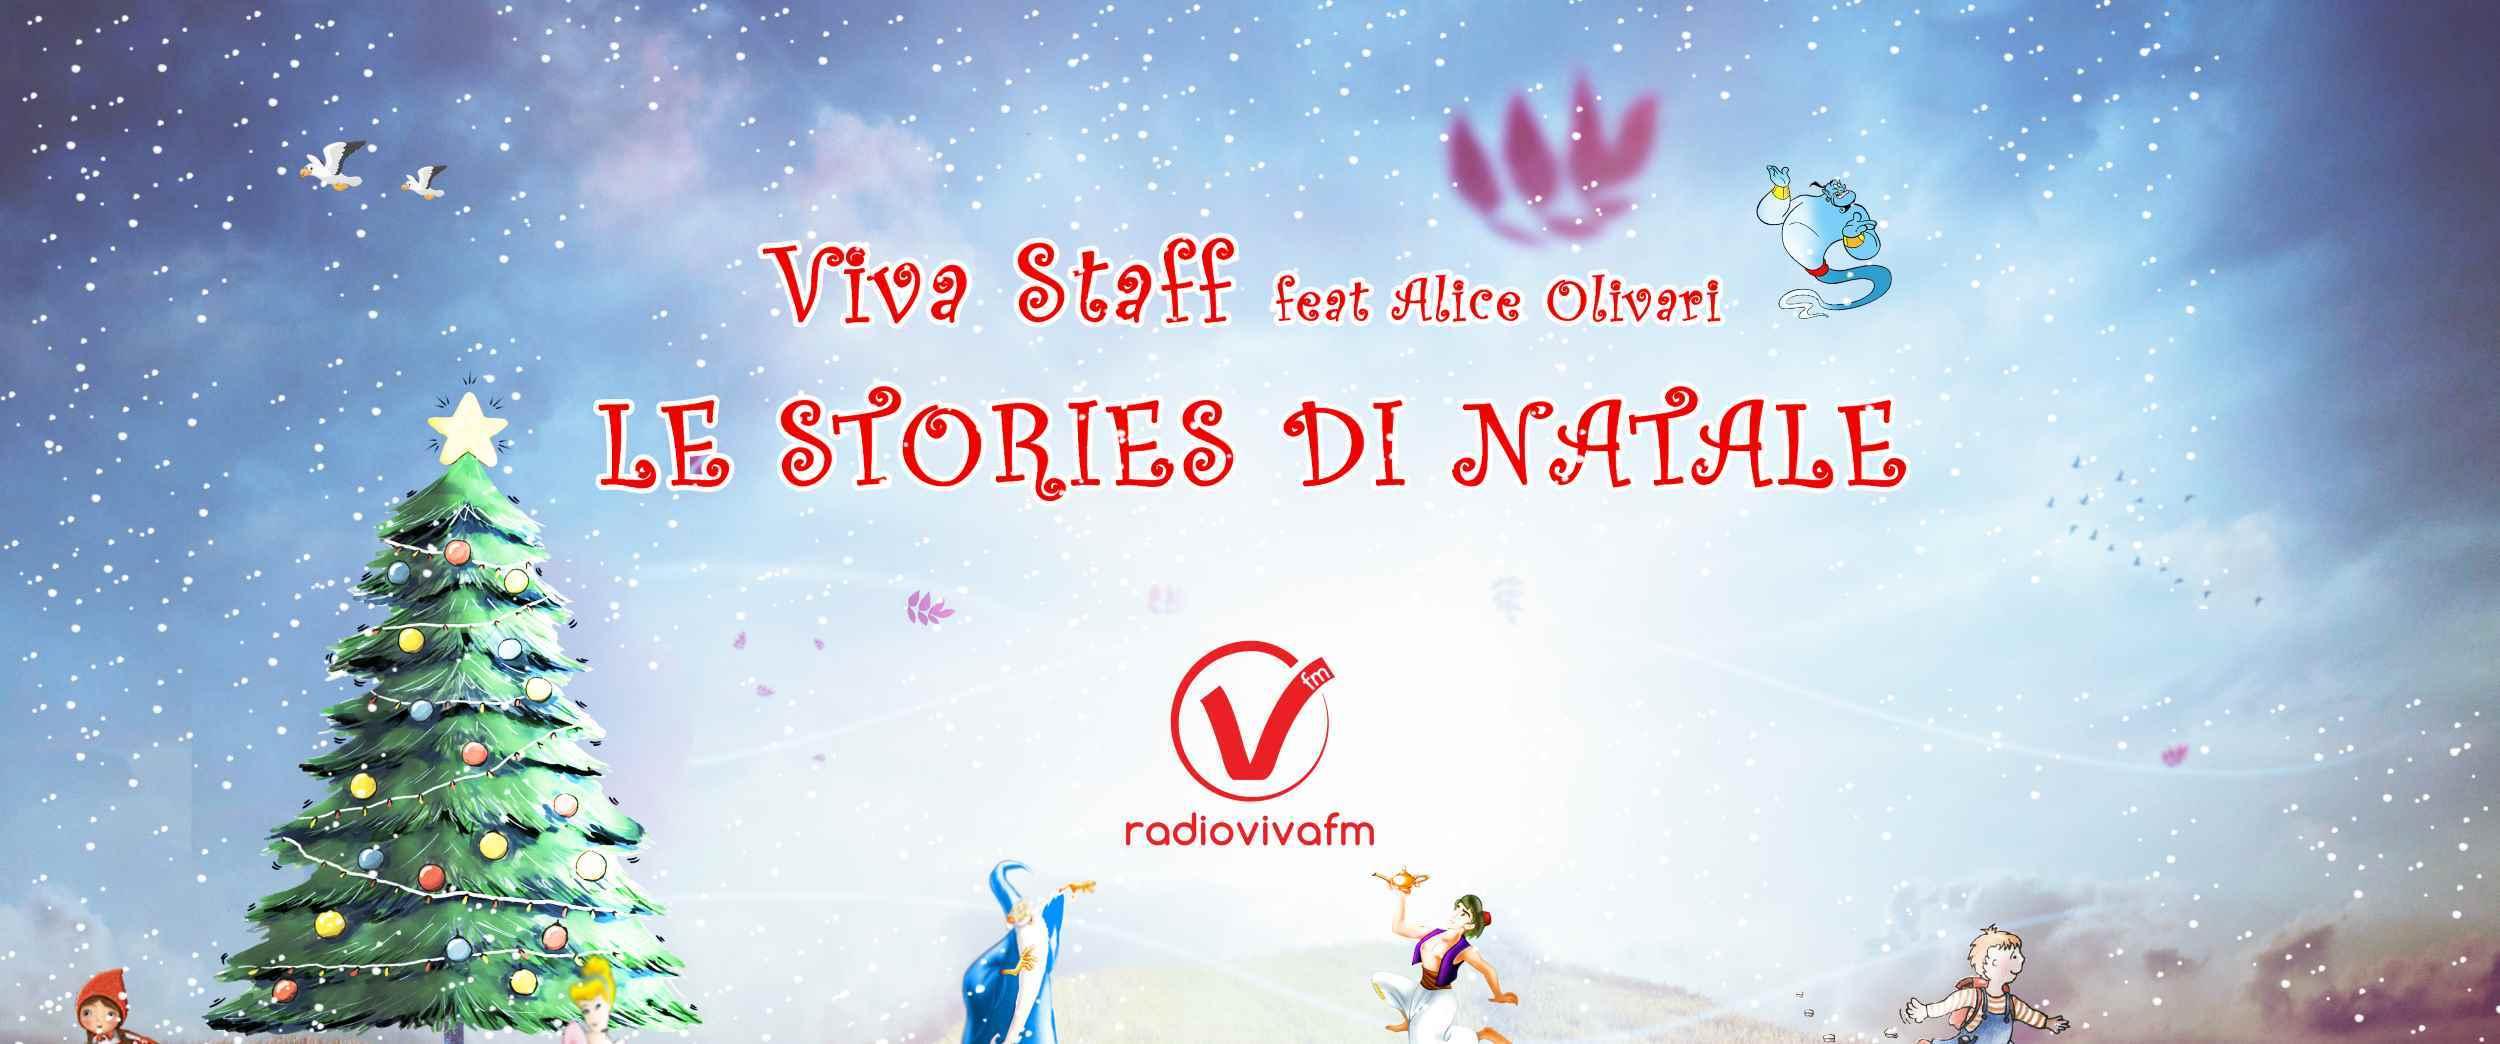 Canzoni Di Natale Vivafm